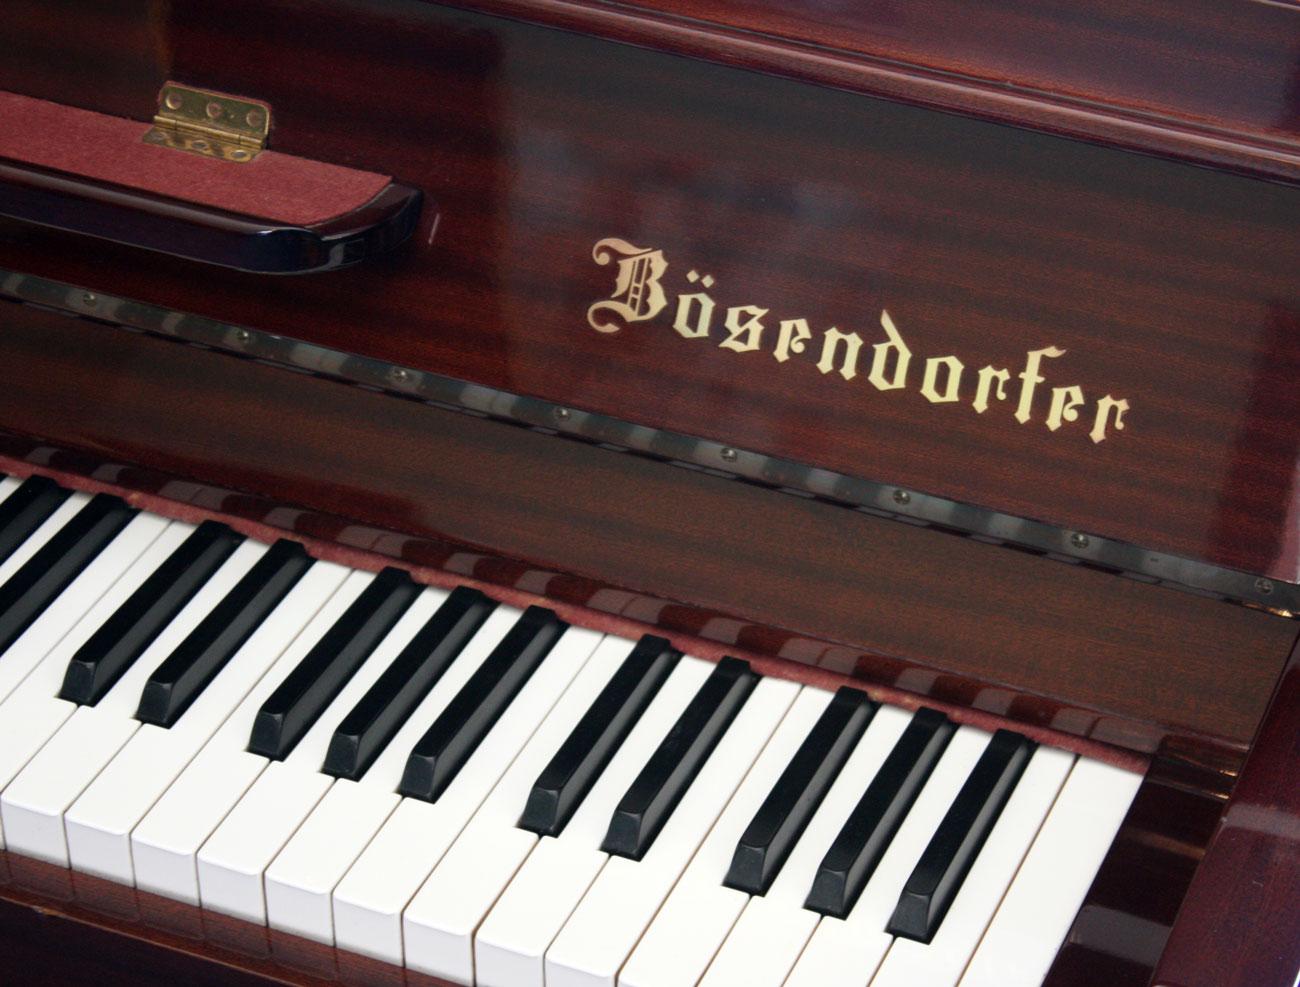 Kawai Upright Piano >> The Bösendorfer 130 CL Upright Piano | The Piano Shop Bath